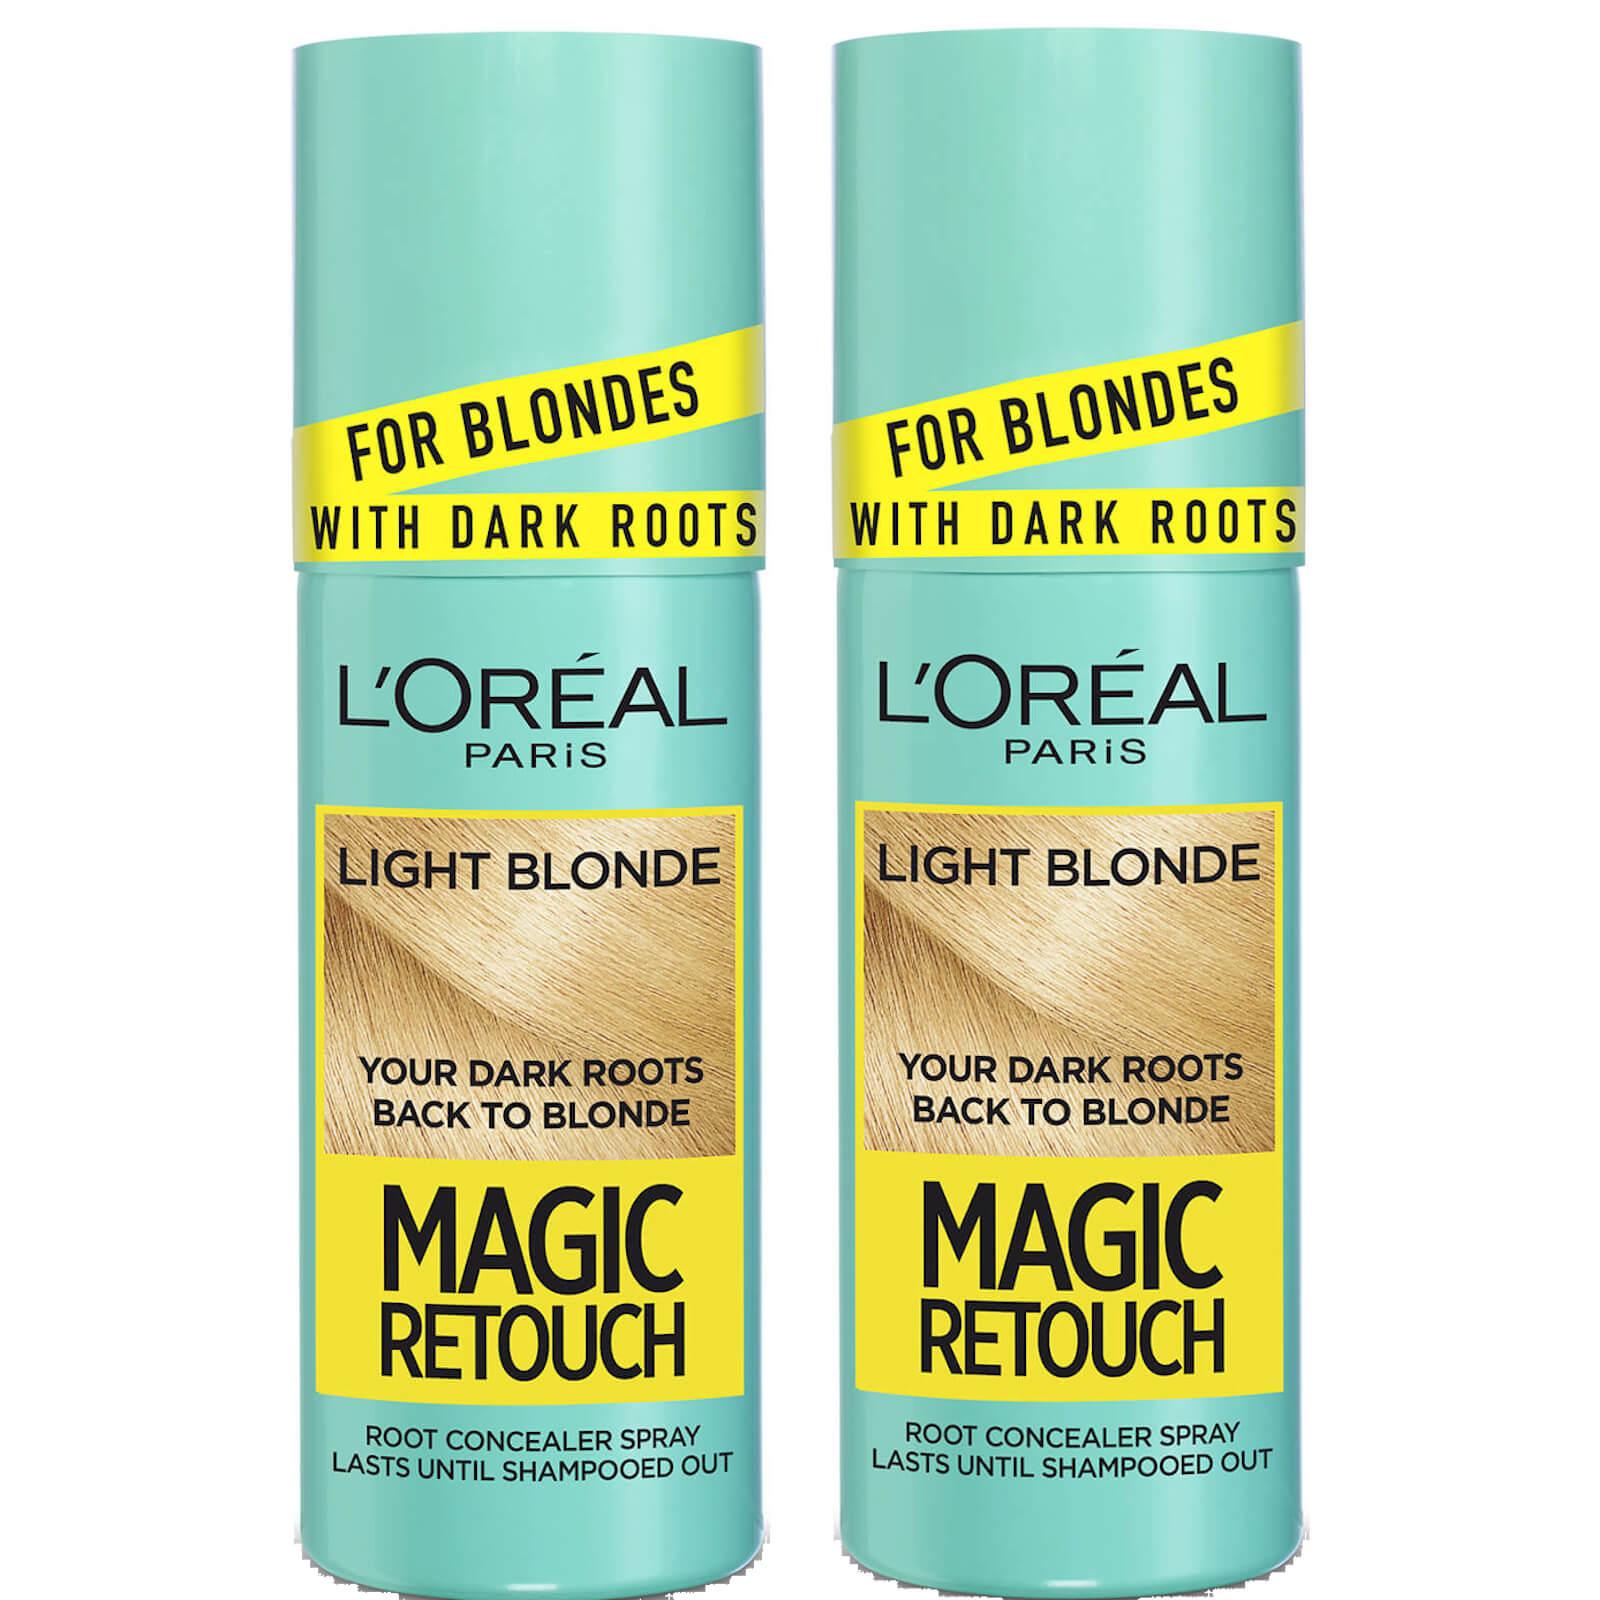 L'Oréal Paris Magic Retouch Light Blonde Root Concealer Spray Duo Pack